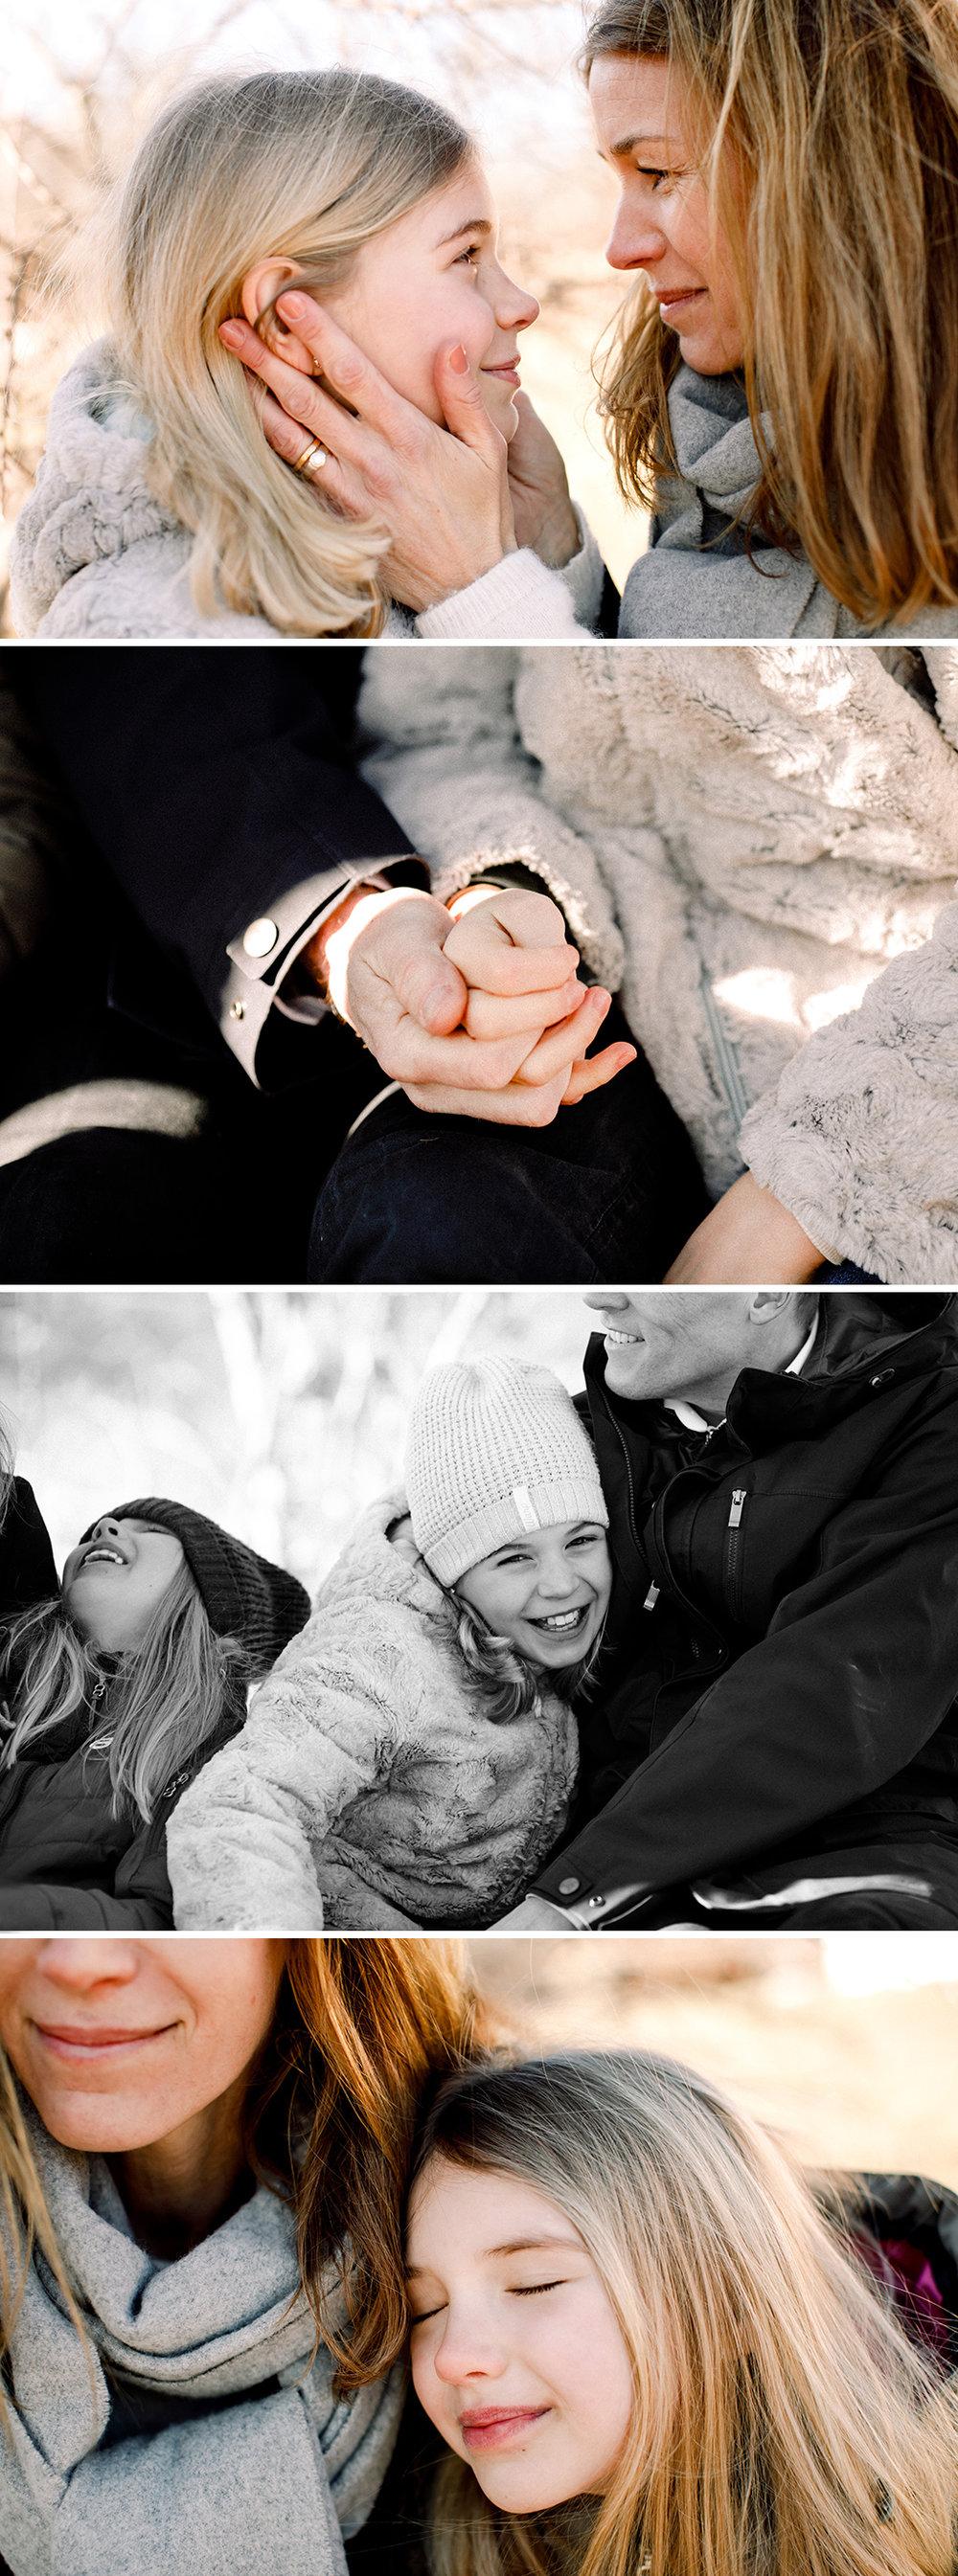 Mellanarstid_familjefotografering_Stockholm_AnnaSandstrom_1.jpg